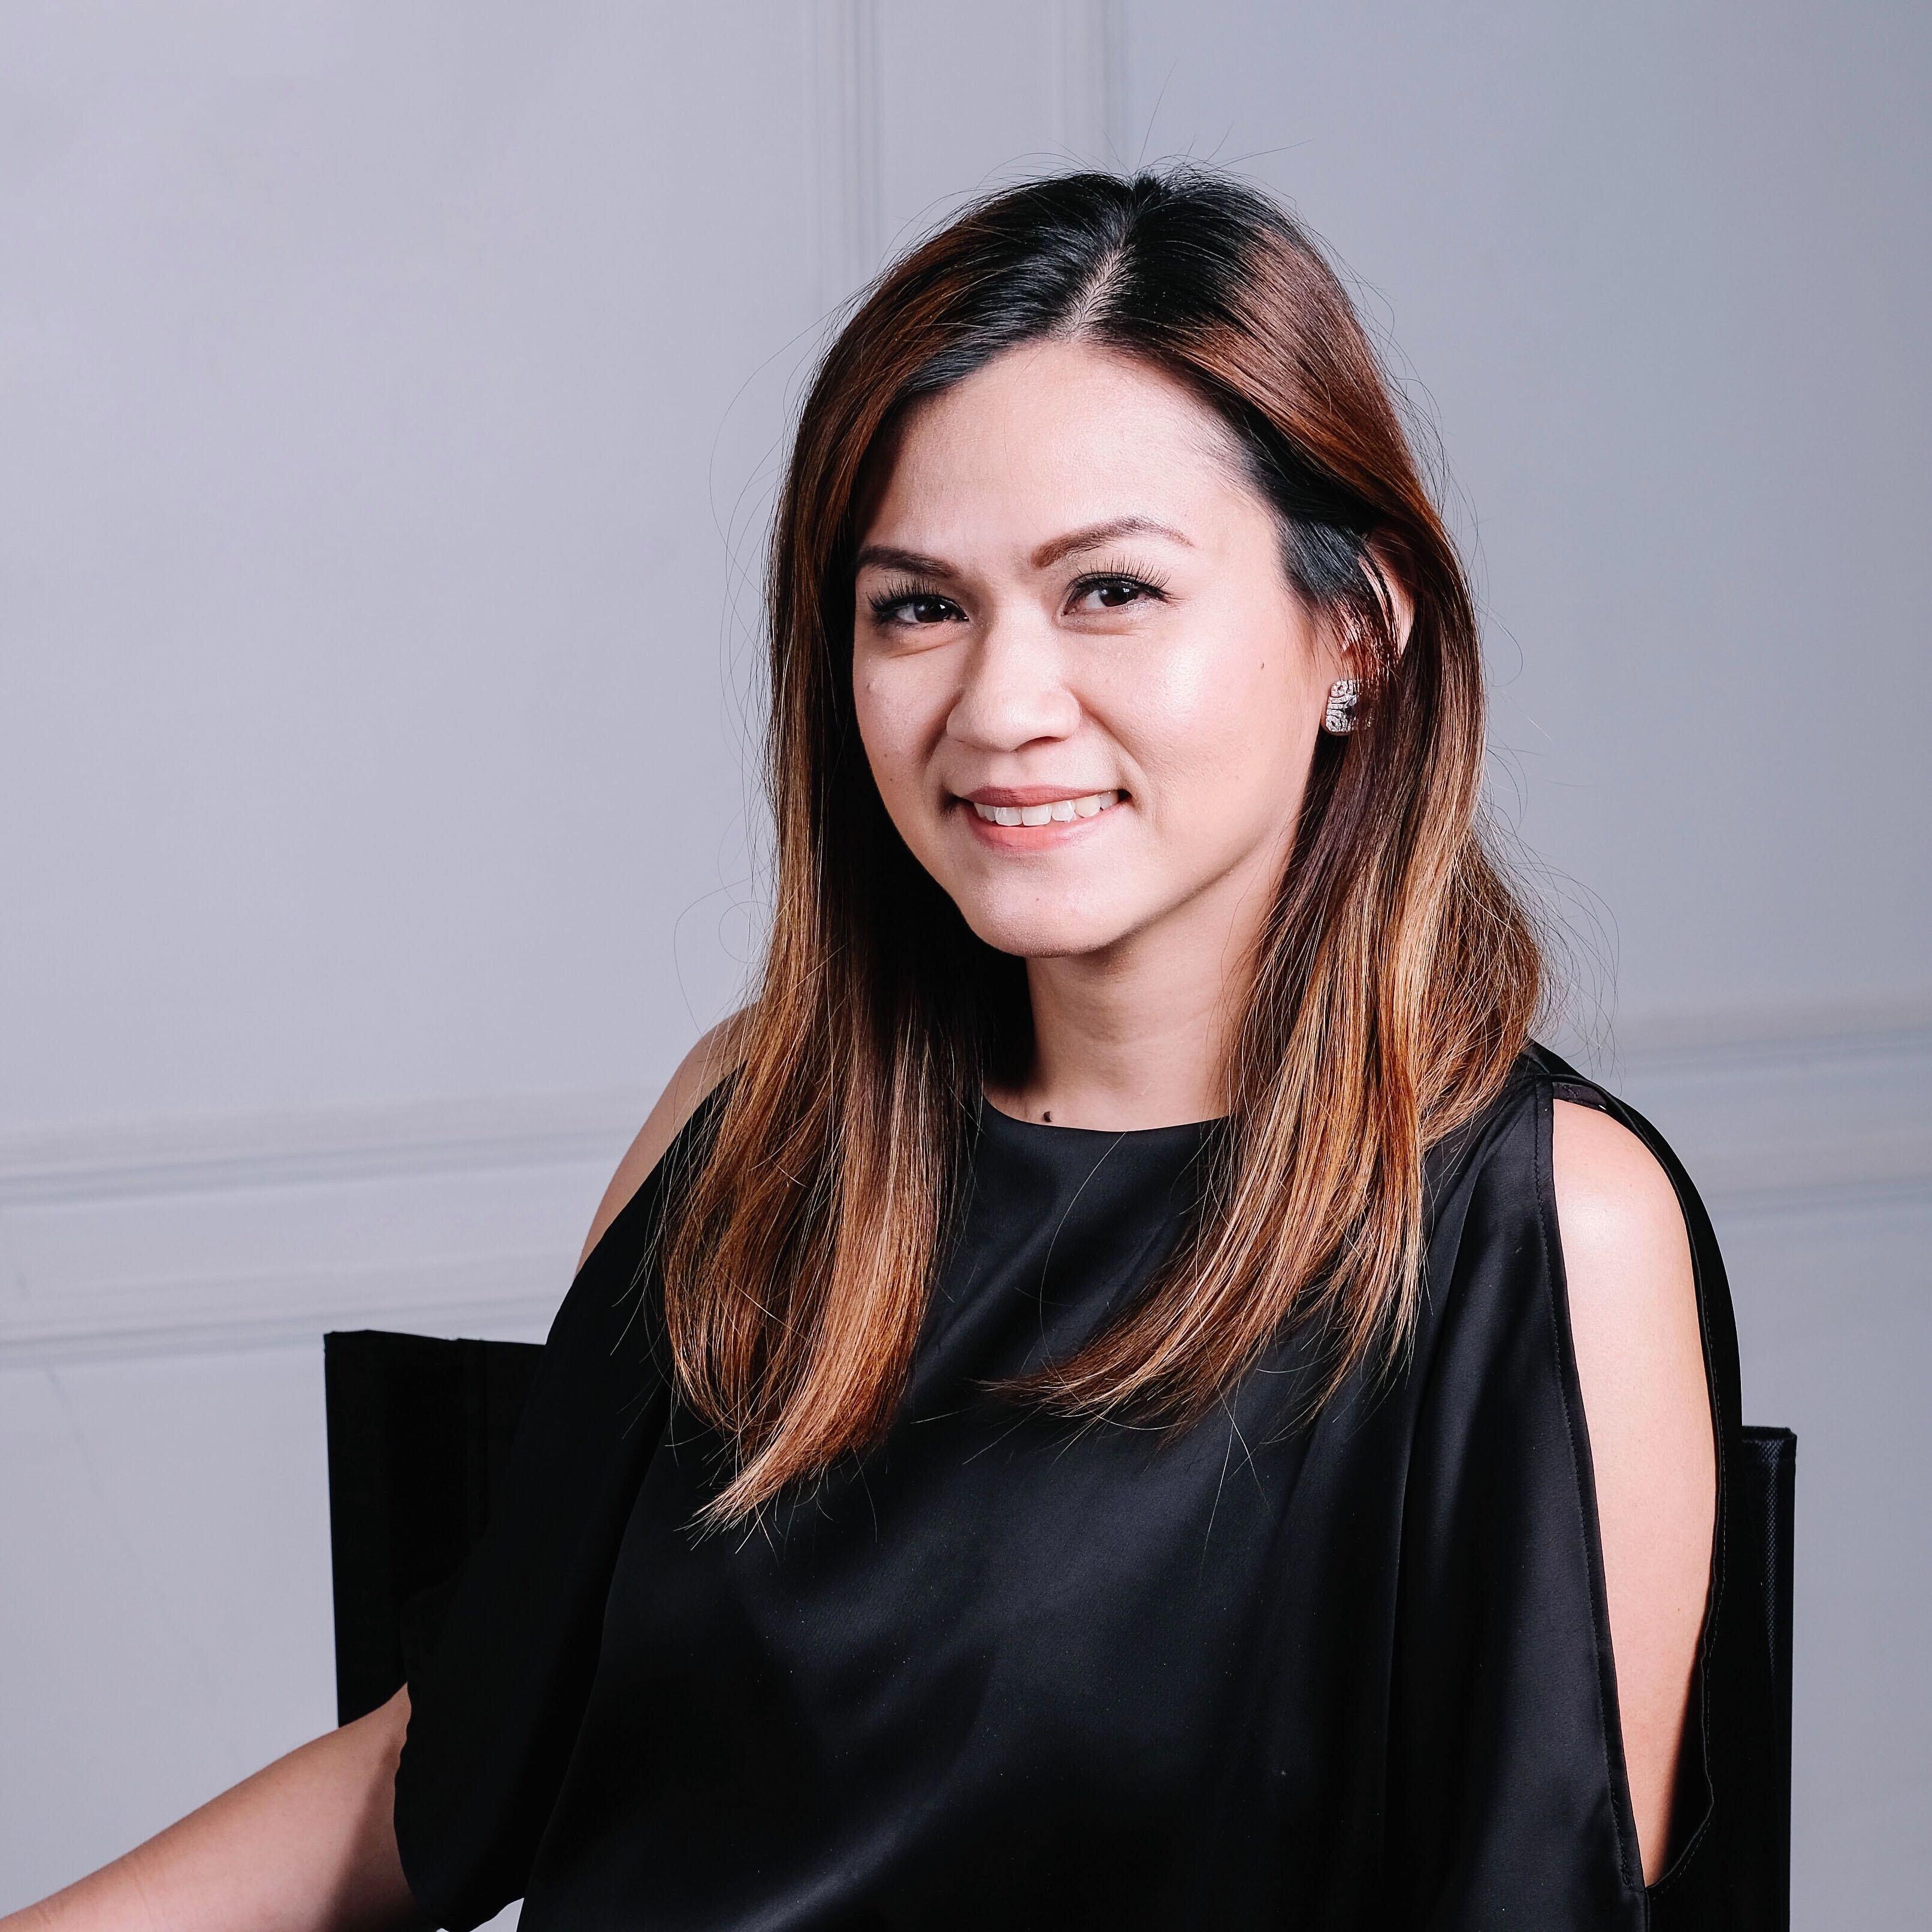 Seachelle Chua, pIID